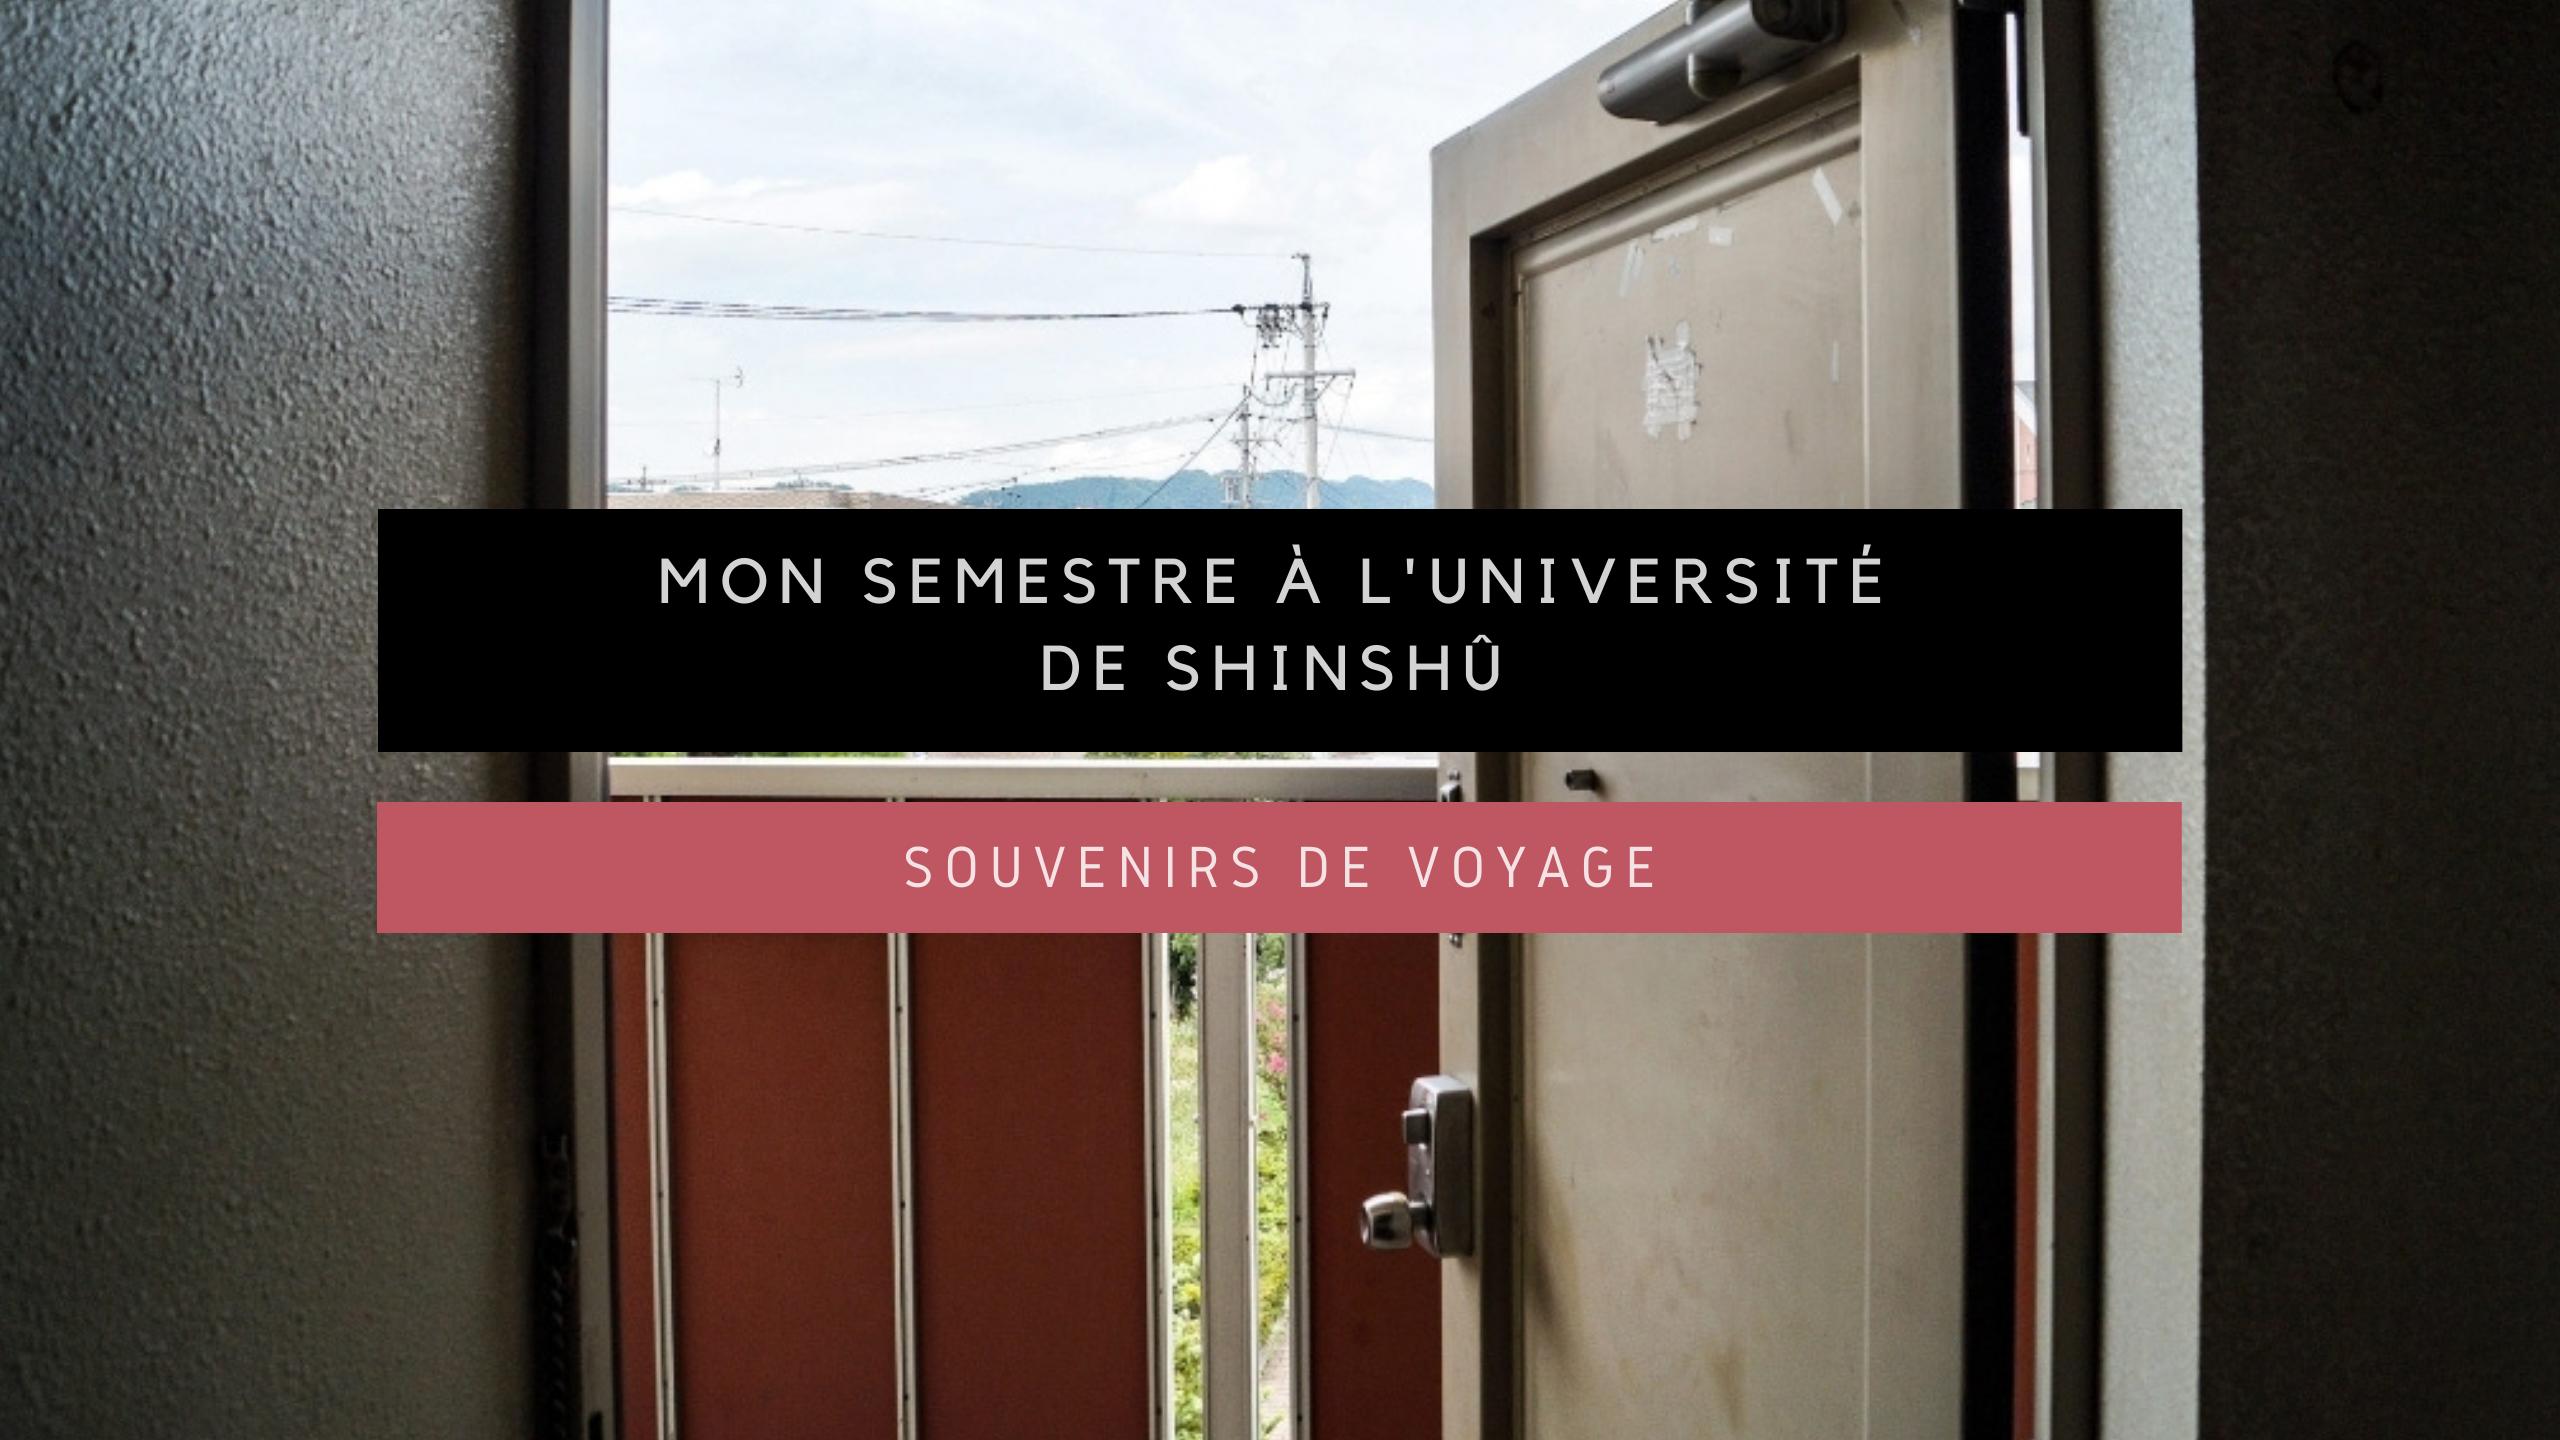 <h1>[Souvenirs de Voyage] Mon semestre à l'Université de Shinshû</h1>